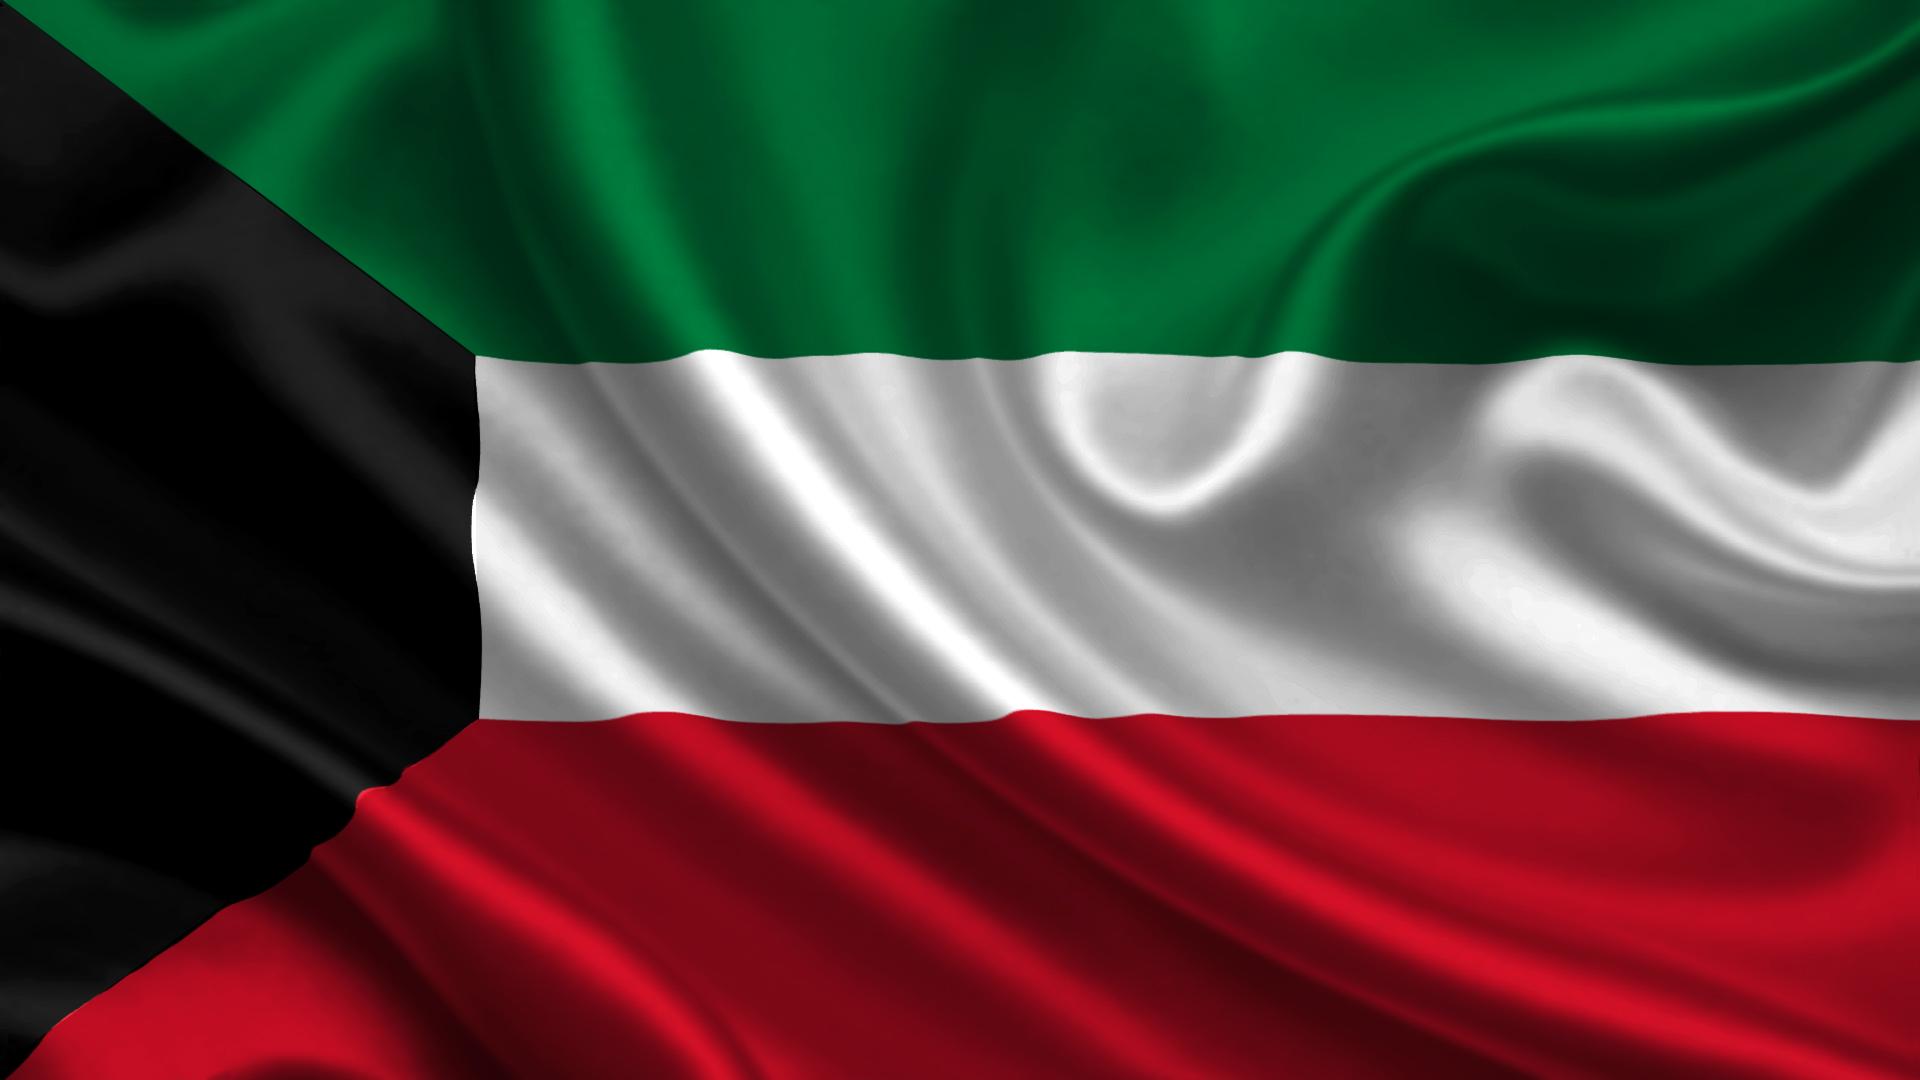 Консульская легализация для Кувейта - СПРАВКА ИНФОРМ | SpravkaInform.com.ua